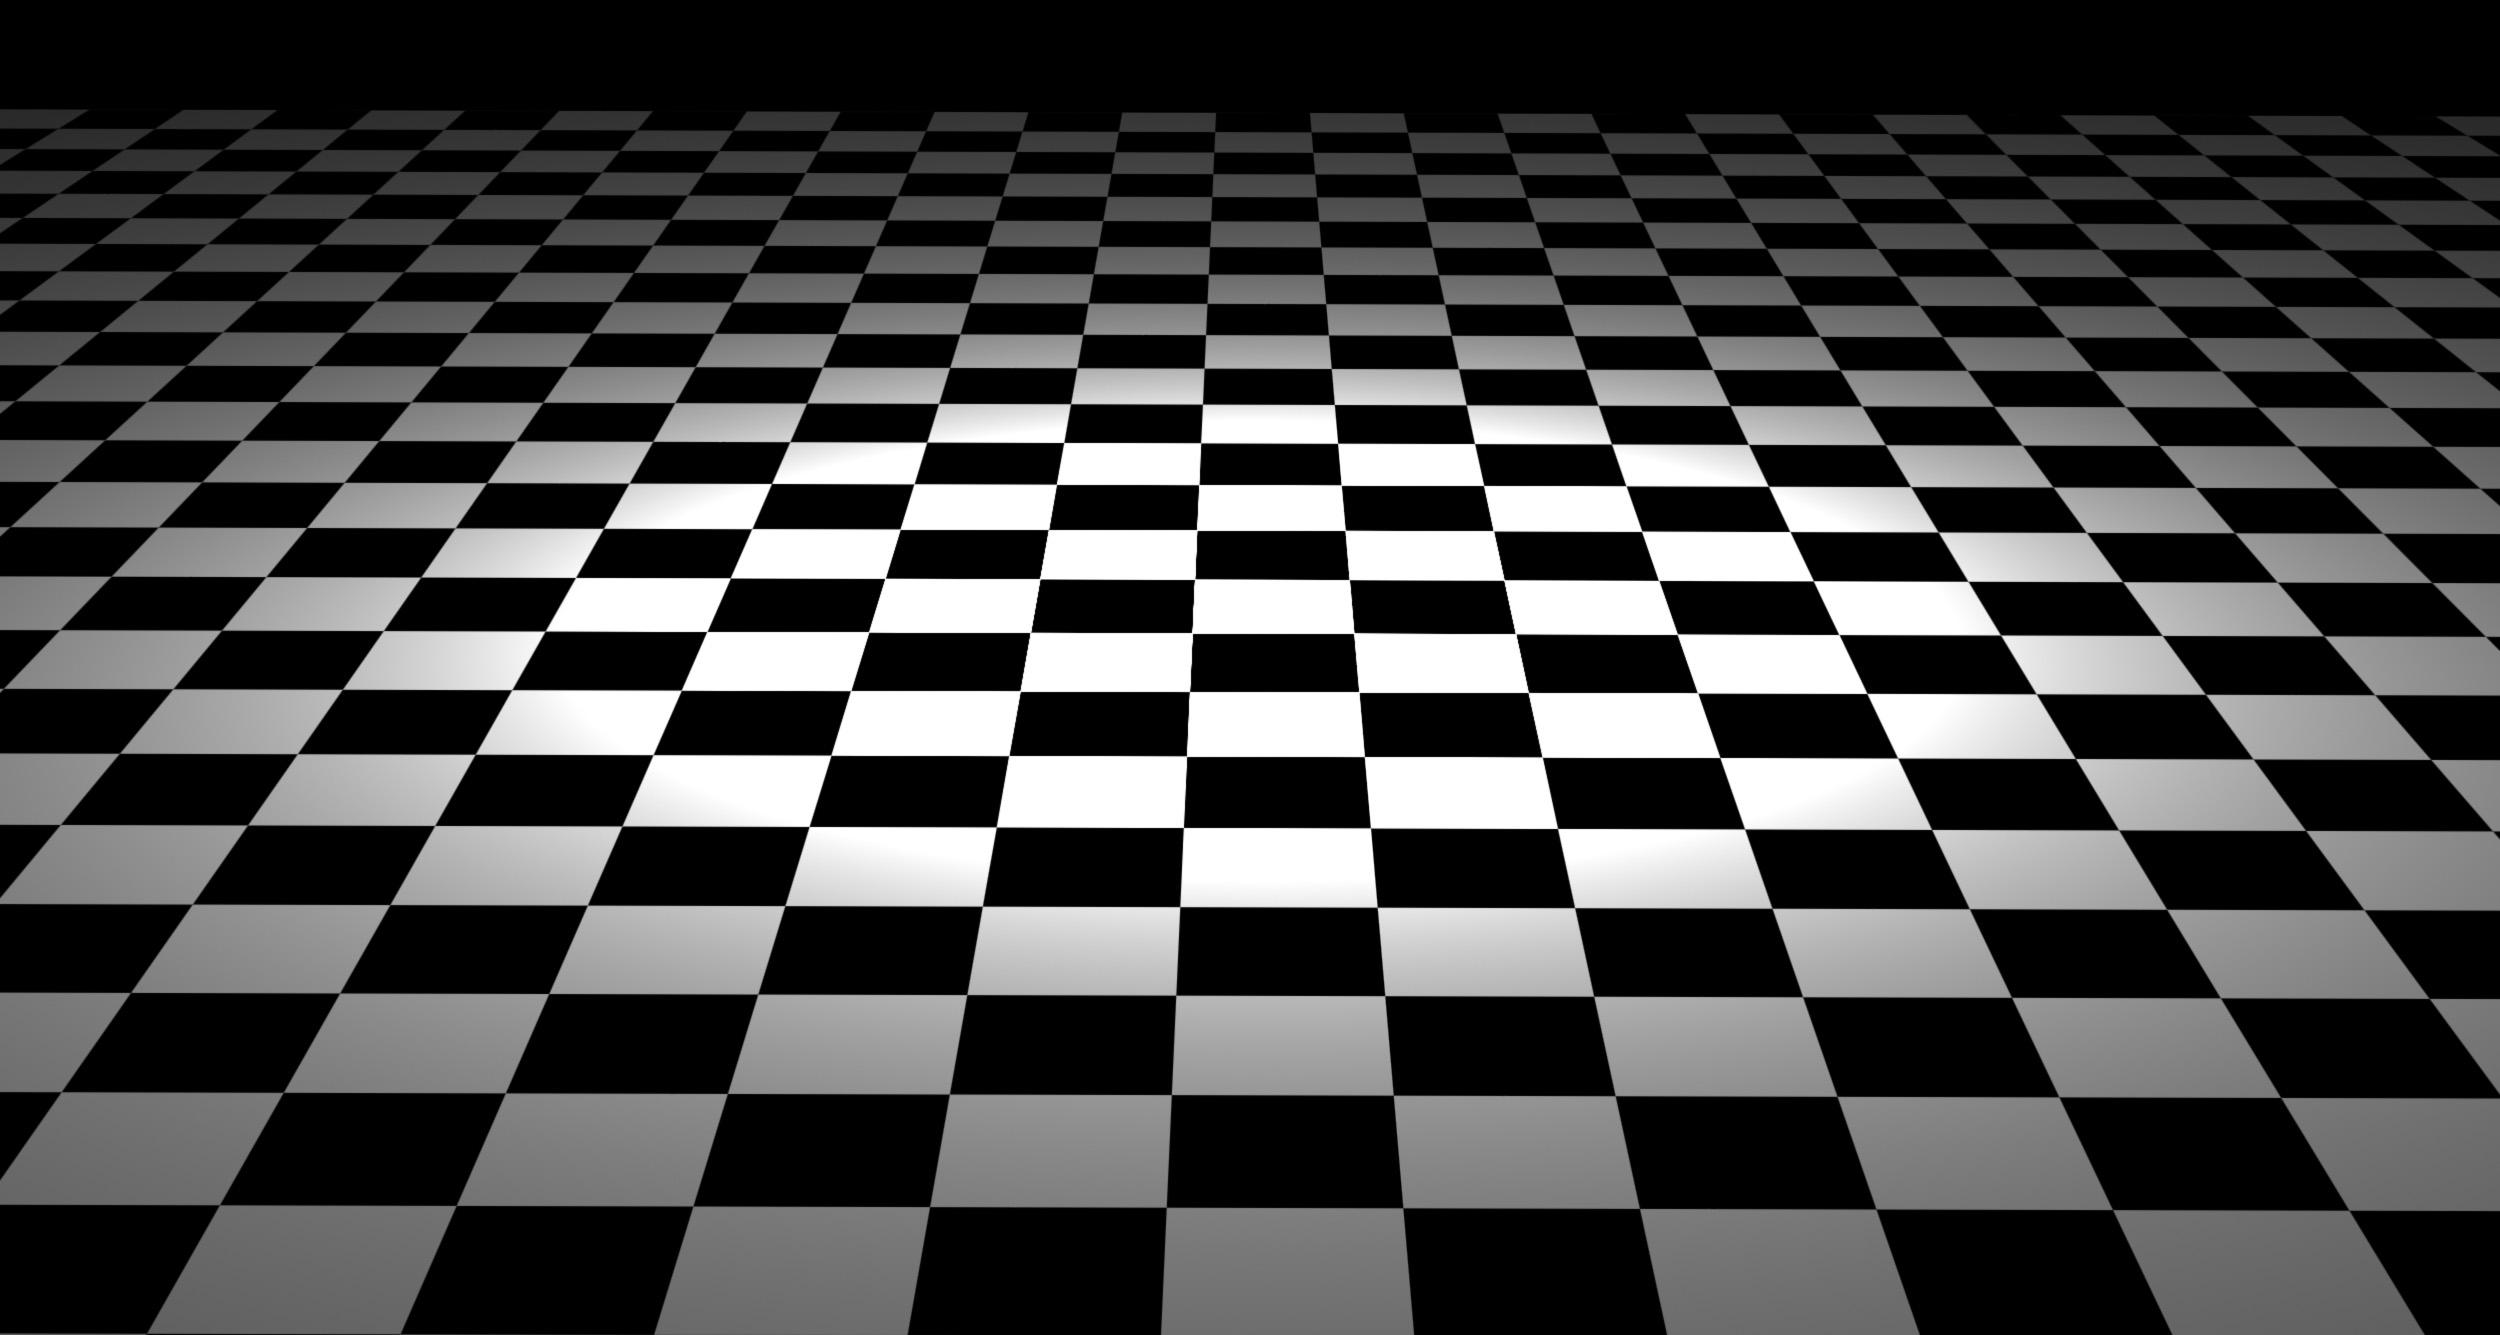 How To Paint Ceramic Tile Floor 3dmax_floor4 by Fune-Stock on DeviantArt